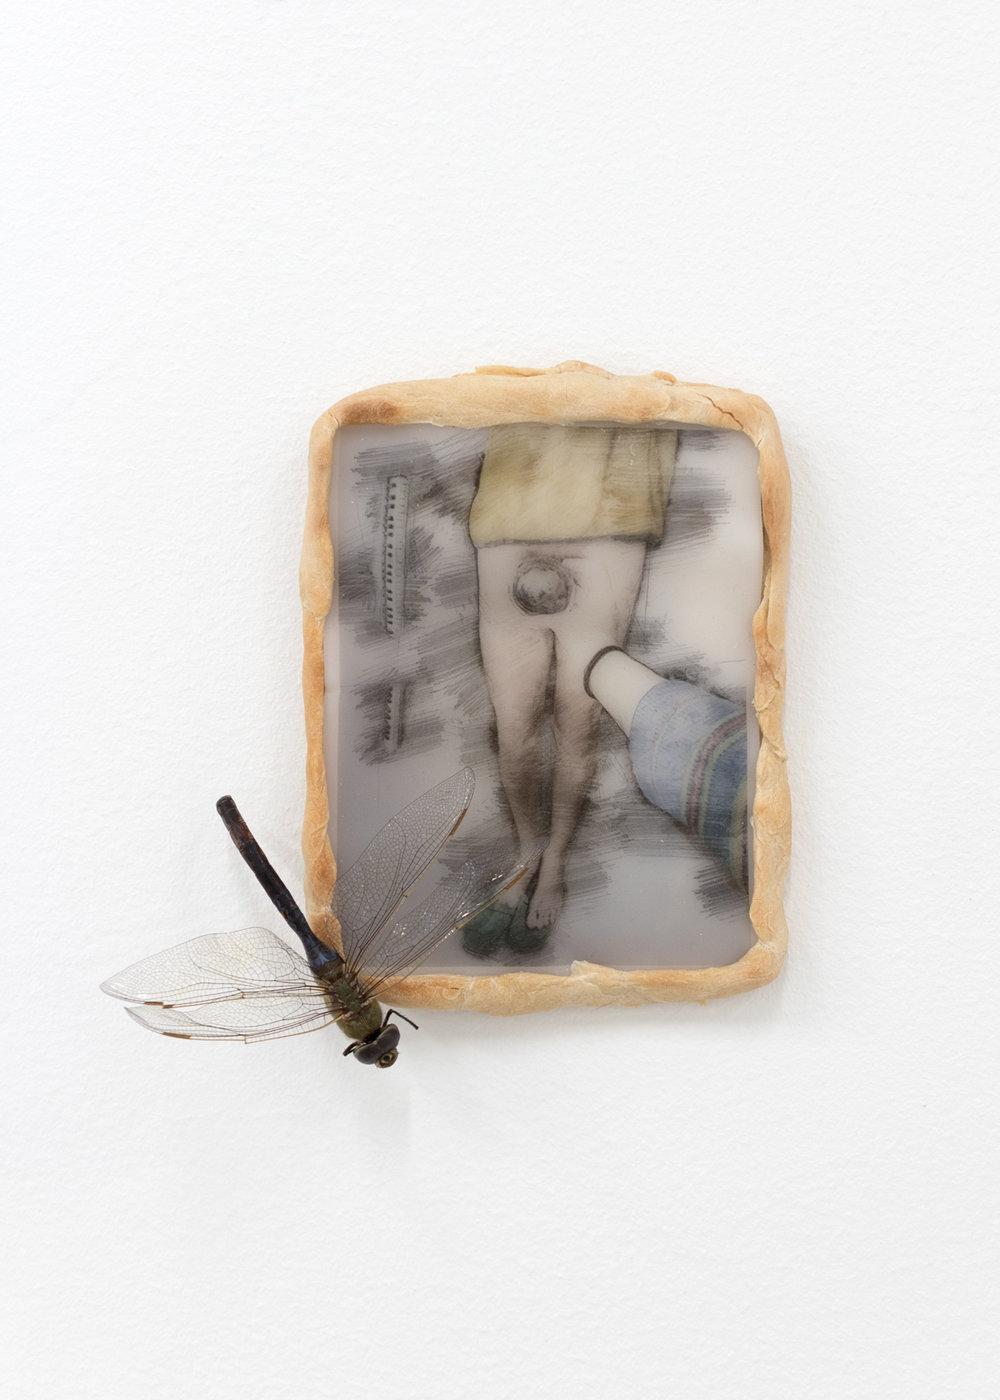 Bio art by Isabelle Frances McGuire